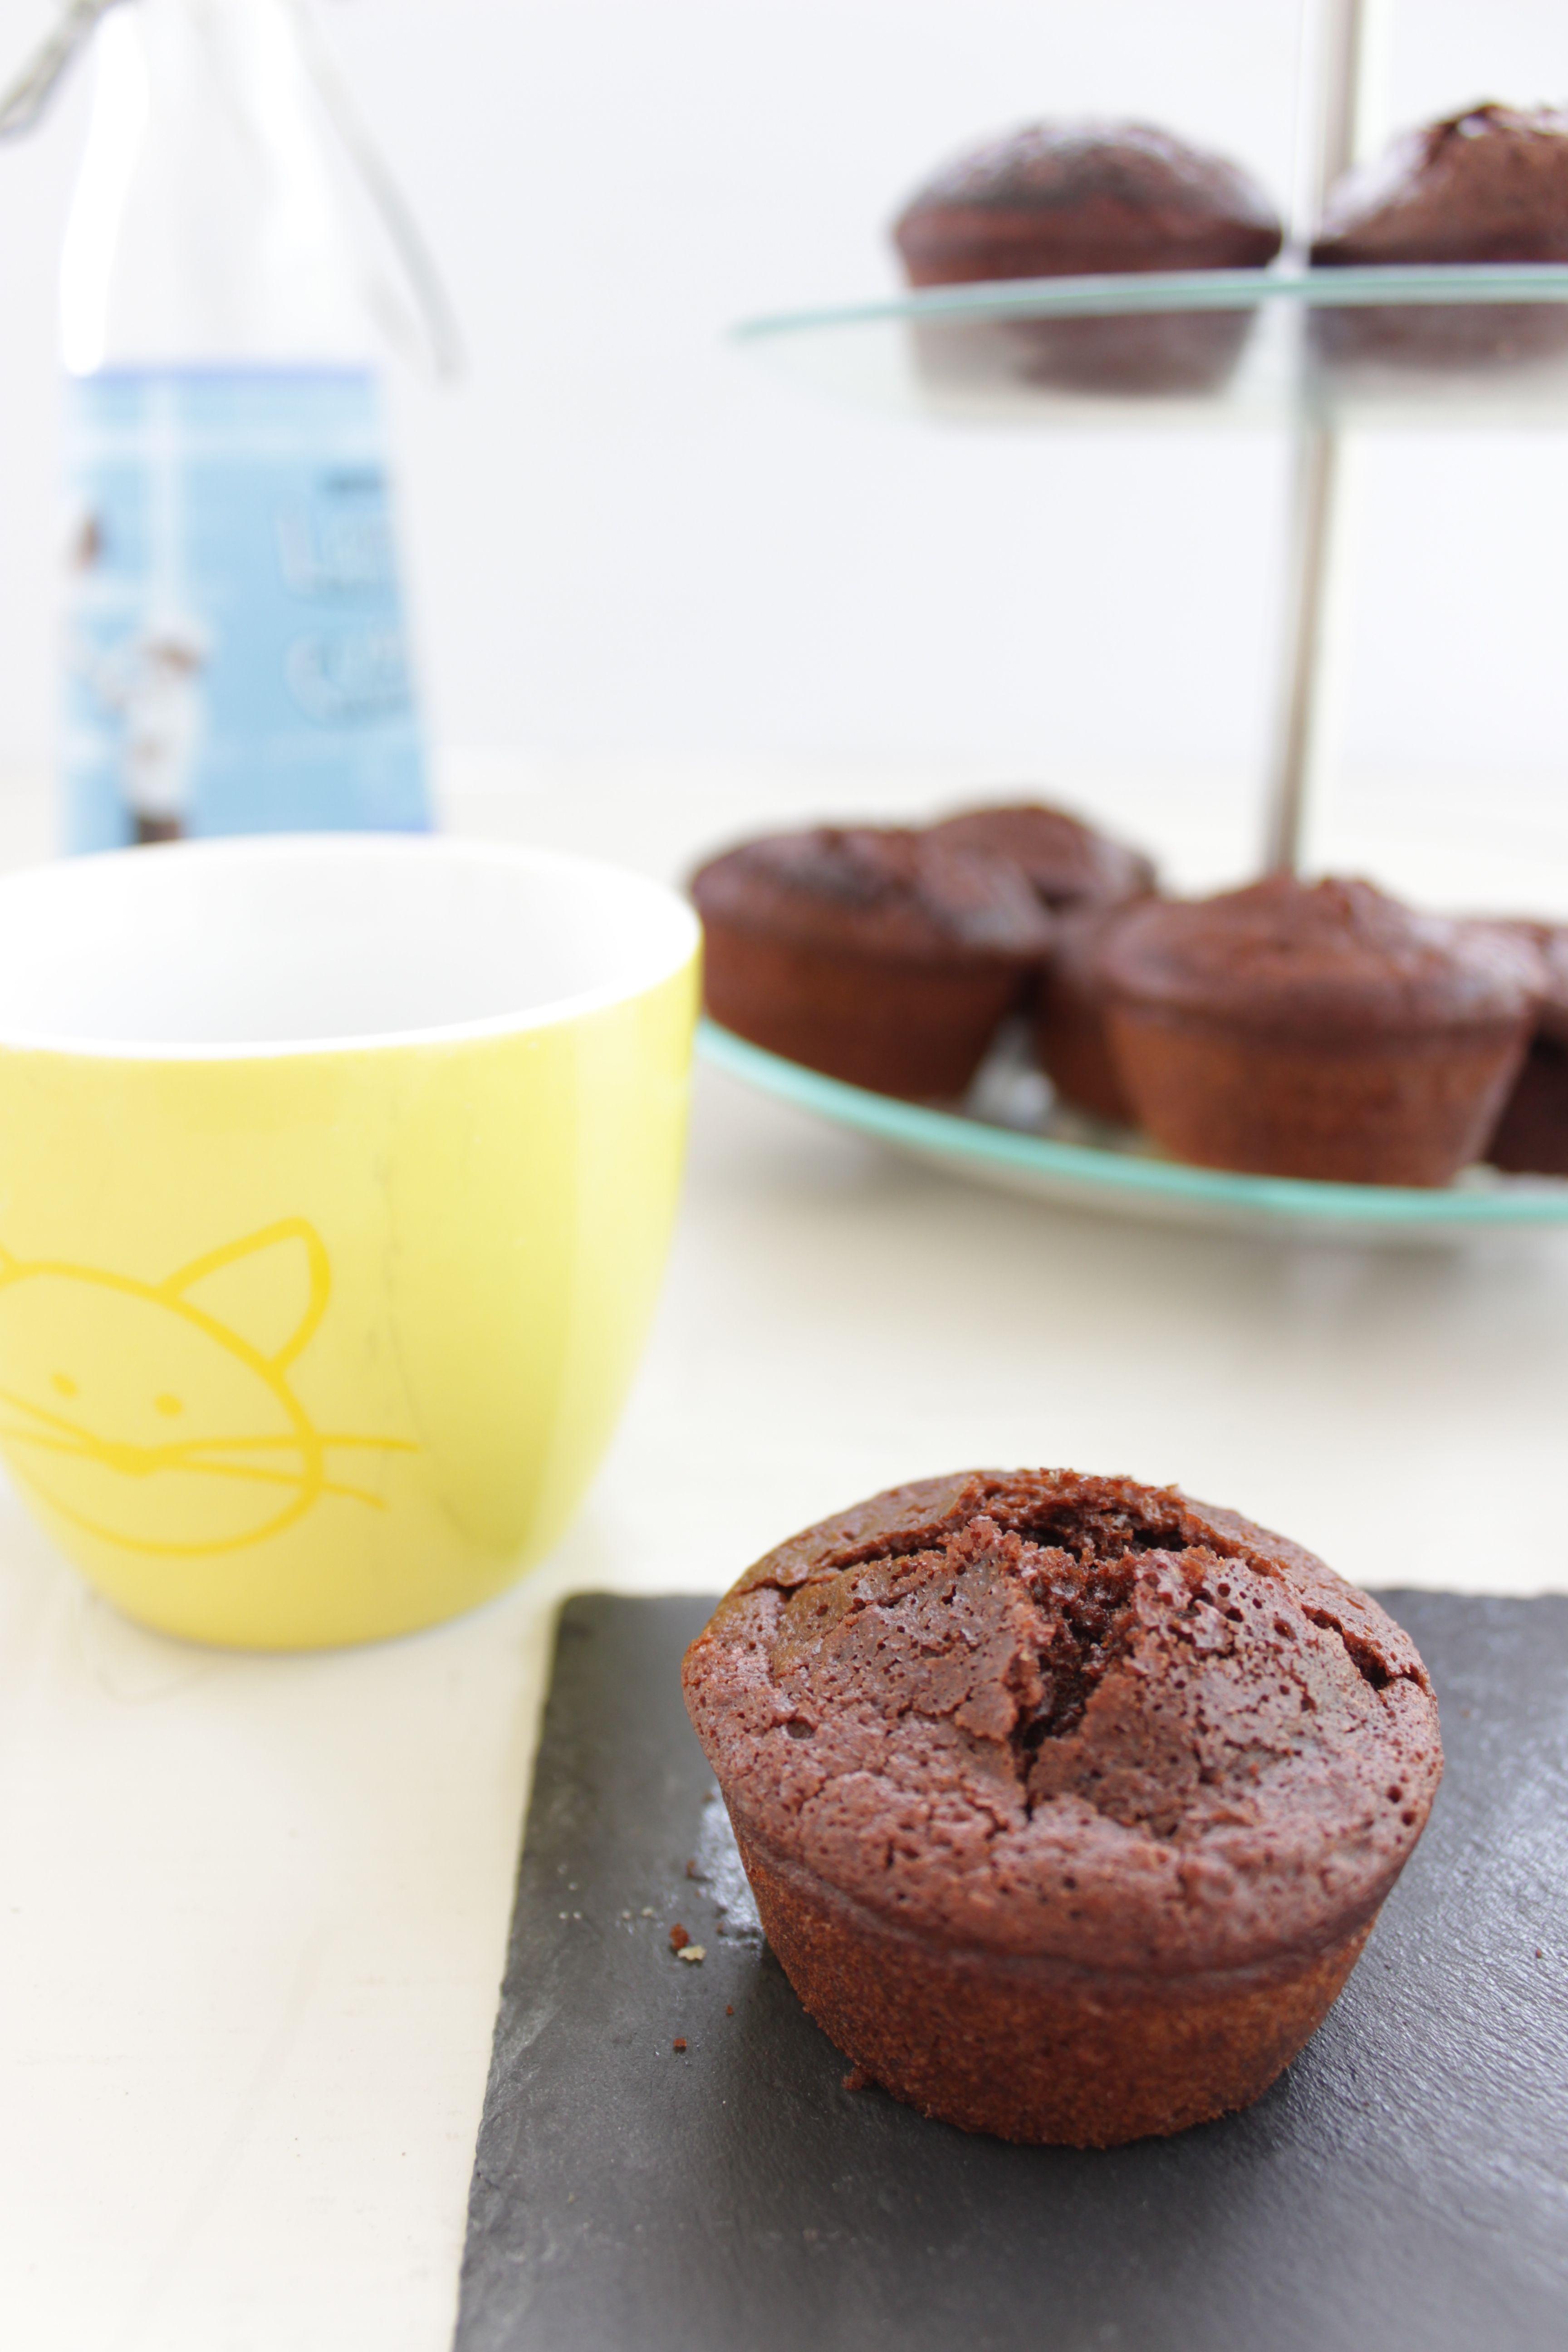 Muffins au chocolat cuits à la machine à muffins http://lalignegourmande.fr/recettes/biscuits-2/recette-de-muffins-au-chocolat/